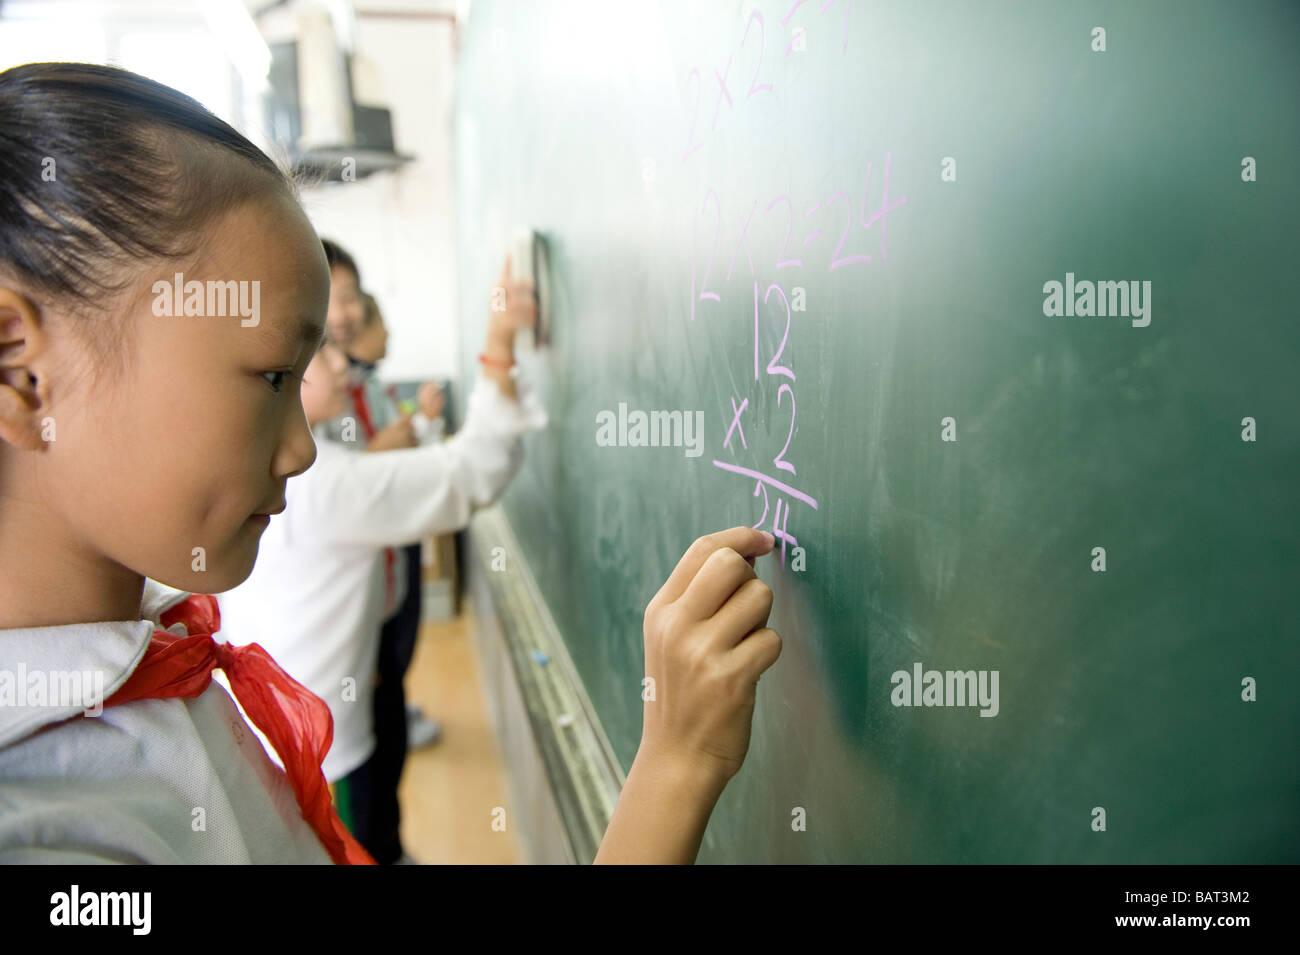 Joven estudiante practicando matemáticas en una pizarra. Imagen De Stock